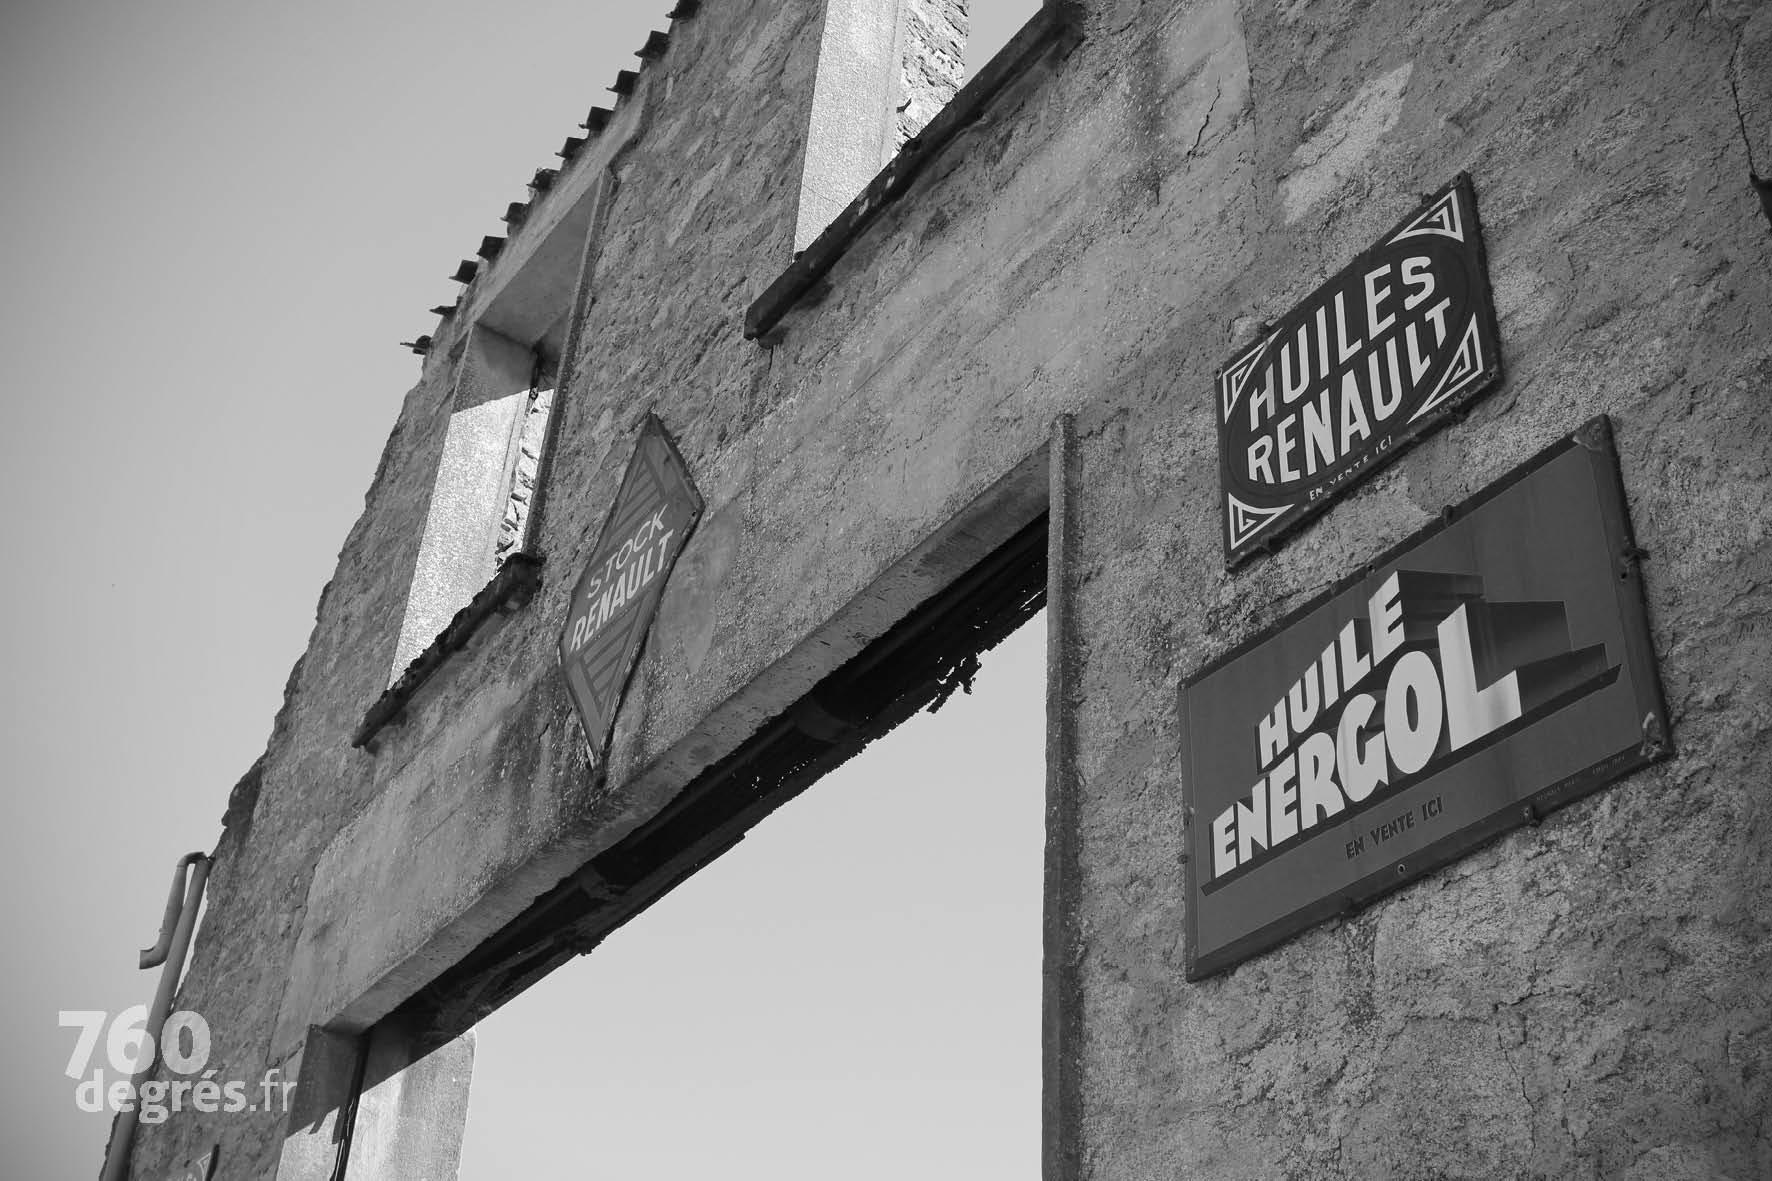 photos-760degres-oradour-02